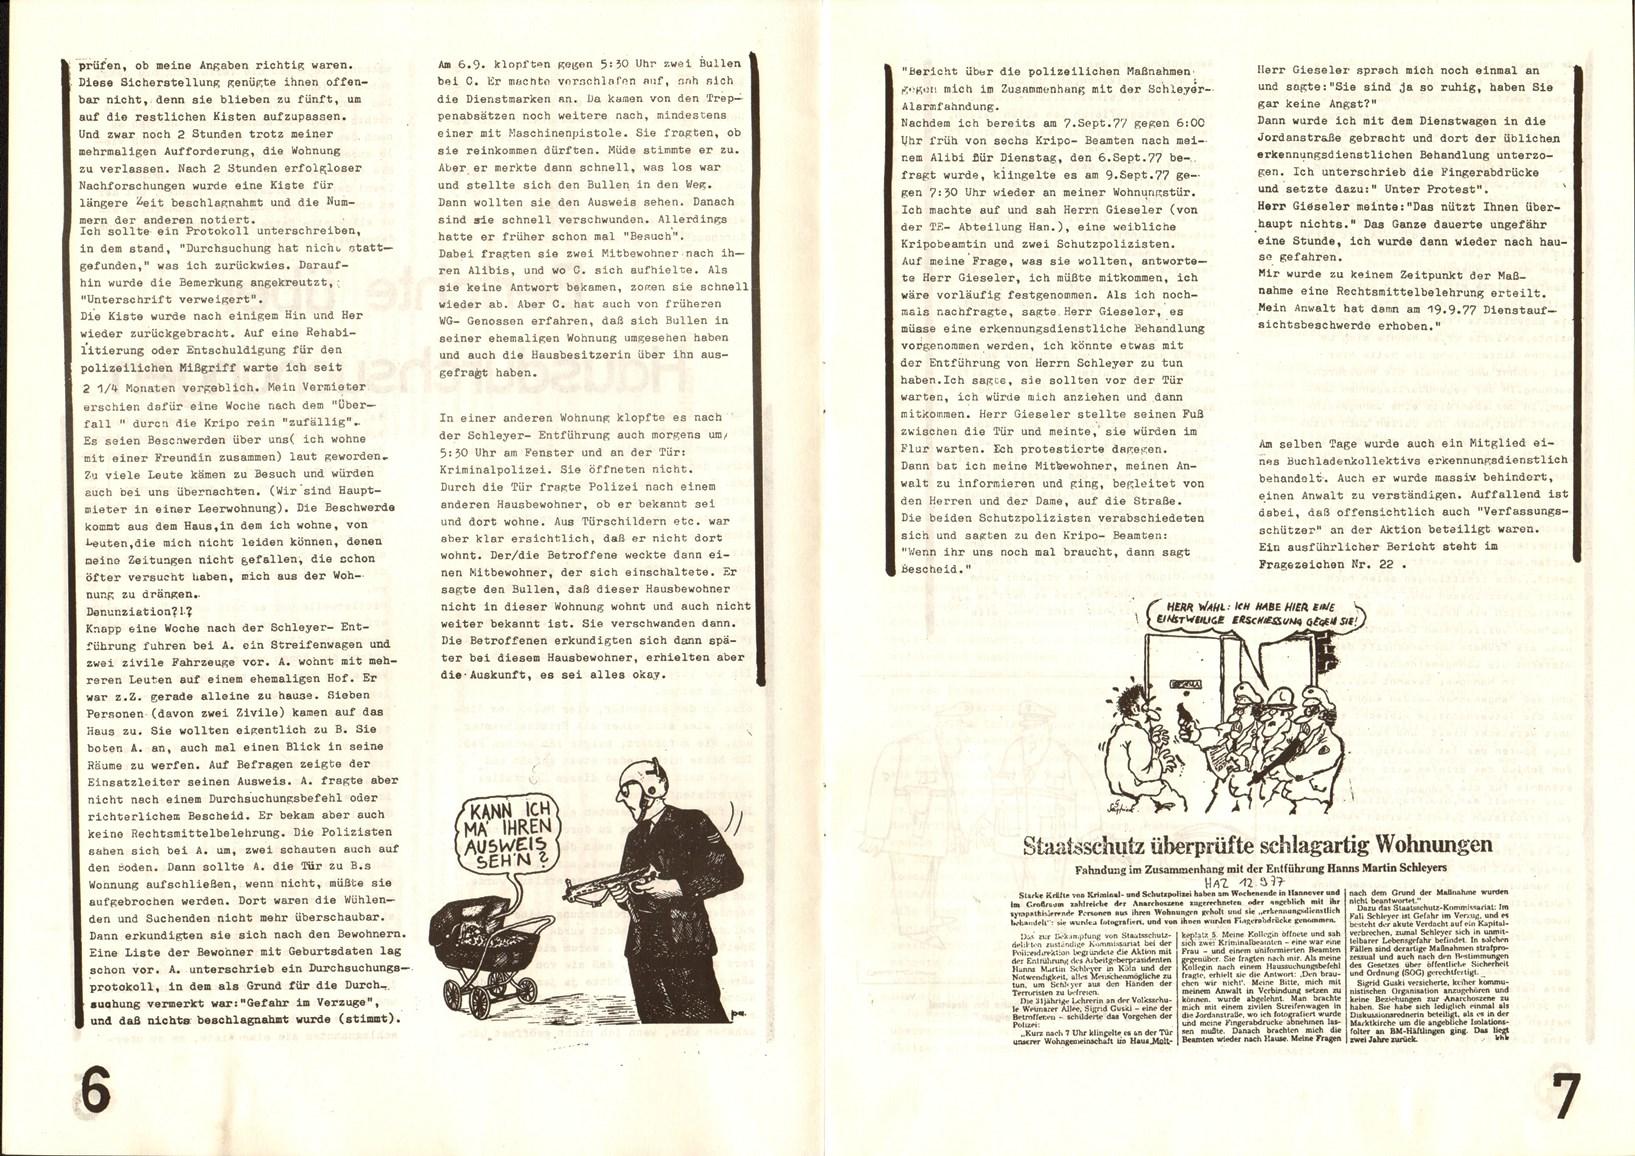 Hannover_Anti_Repressions_Info_03_1977_04